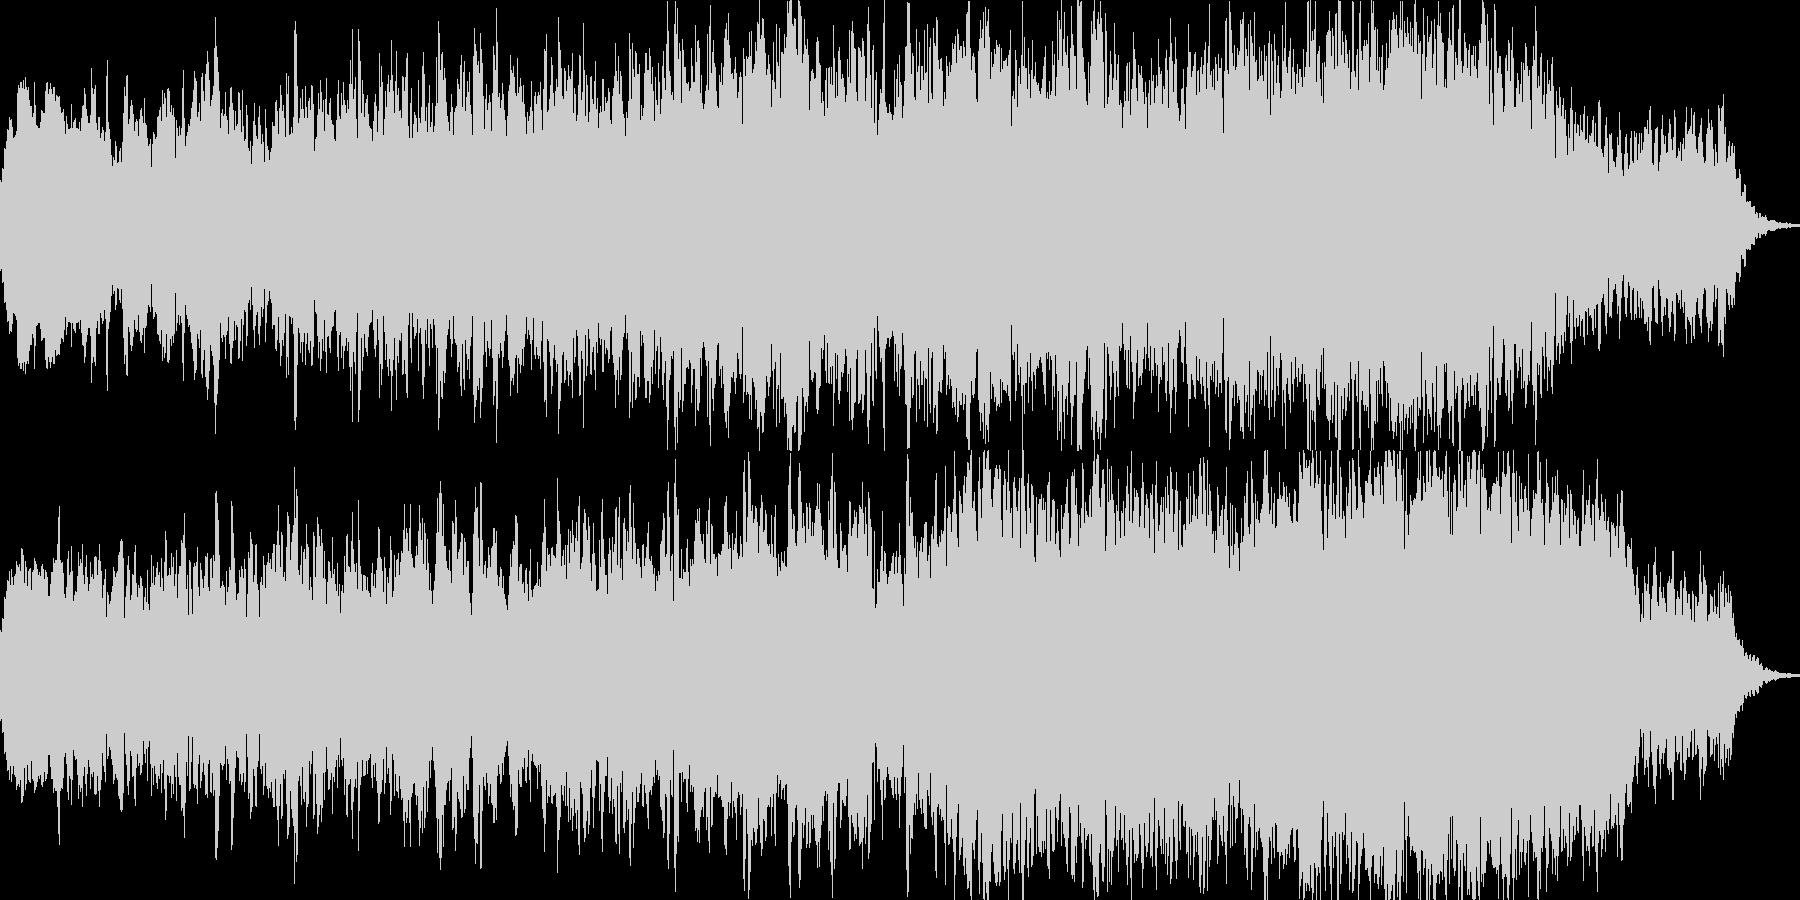 暗くて恐ろしい6分のダークアンビエントの未再生の波形